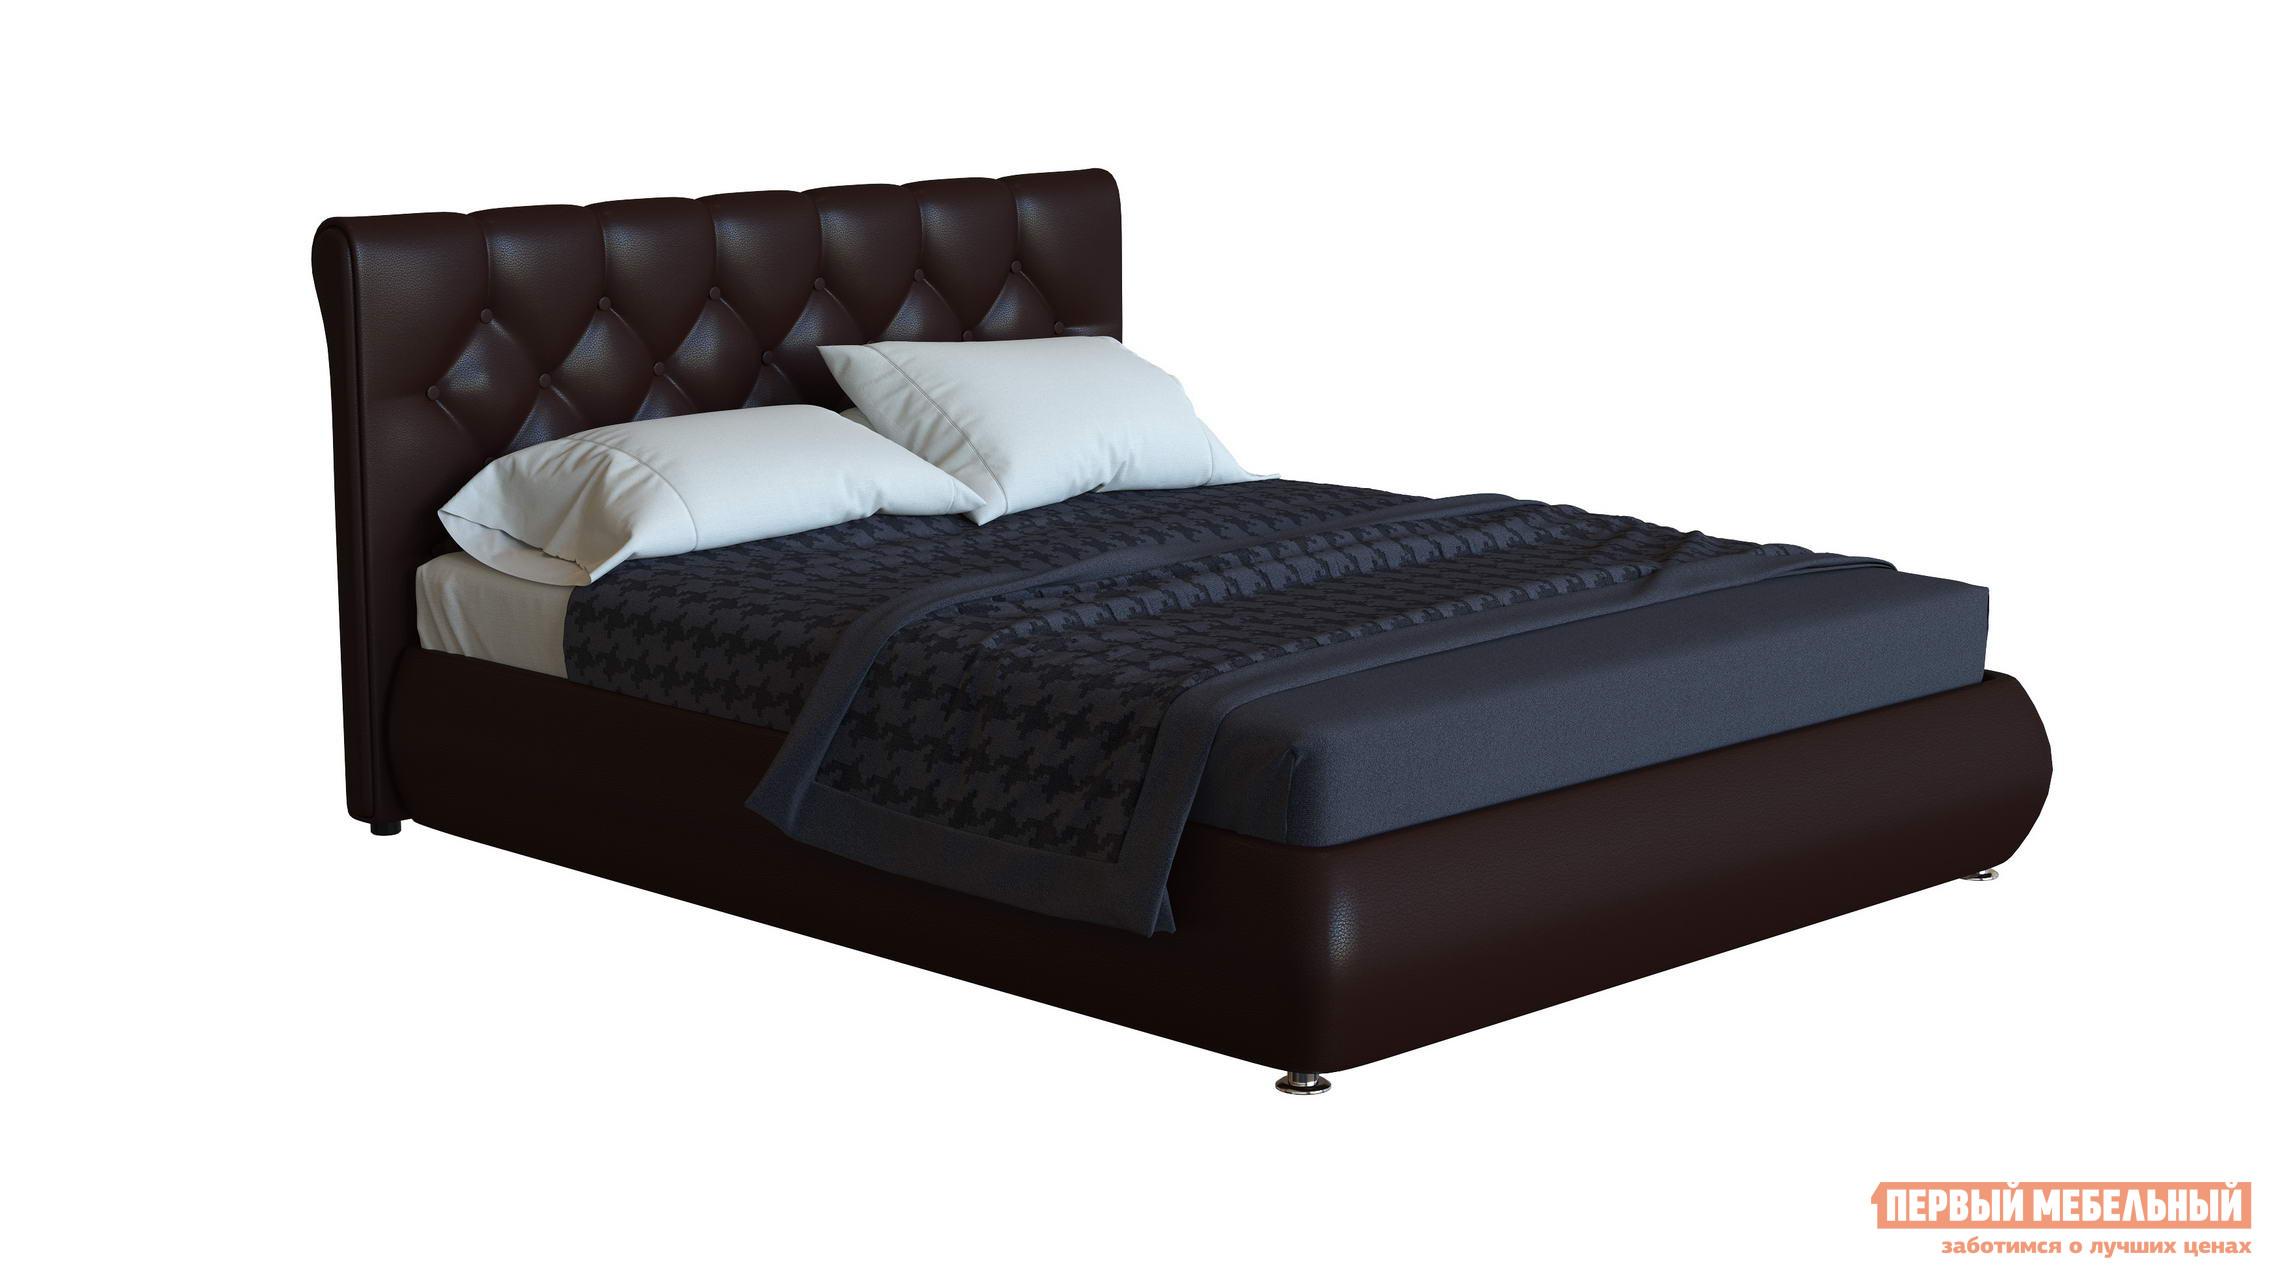 Двуспальная кровать с пуговицами Первый Мебельный Кровать Джейн декор пуговицы 140х200, 160х200, 180х200 двуспальная кровать первый мебельный кровать мерлен 140х200 160х200 180х200